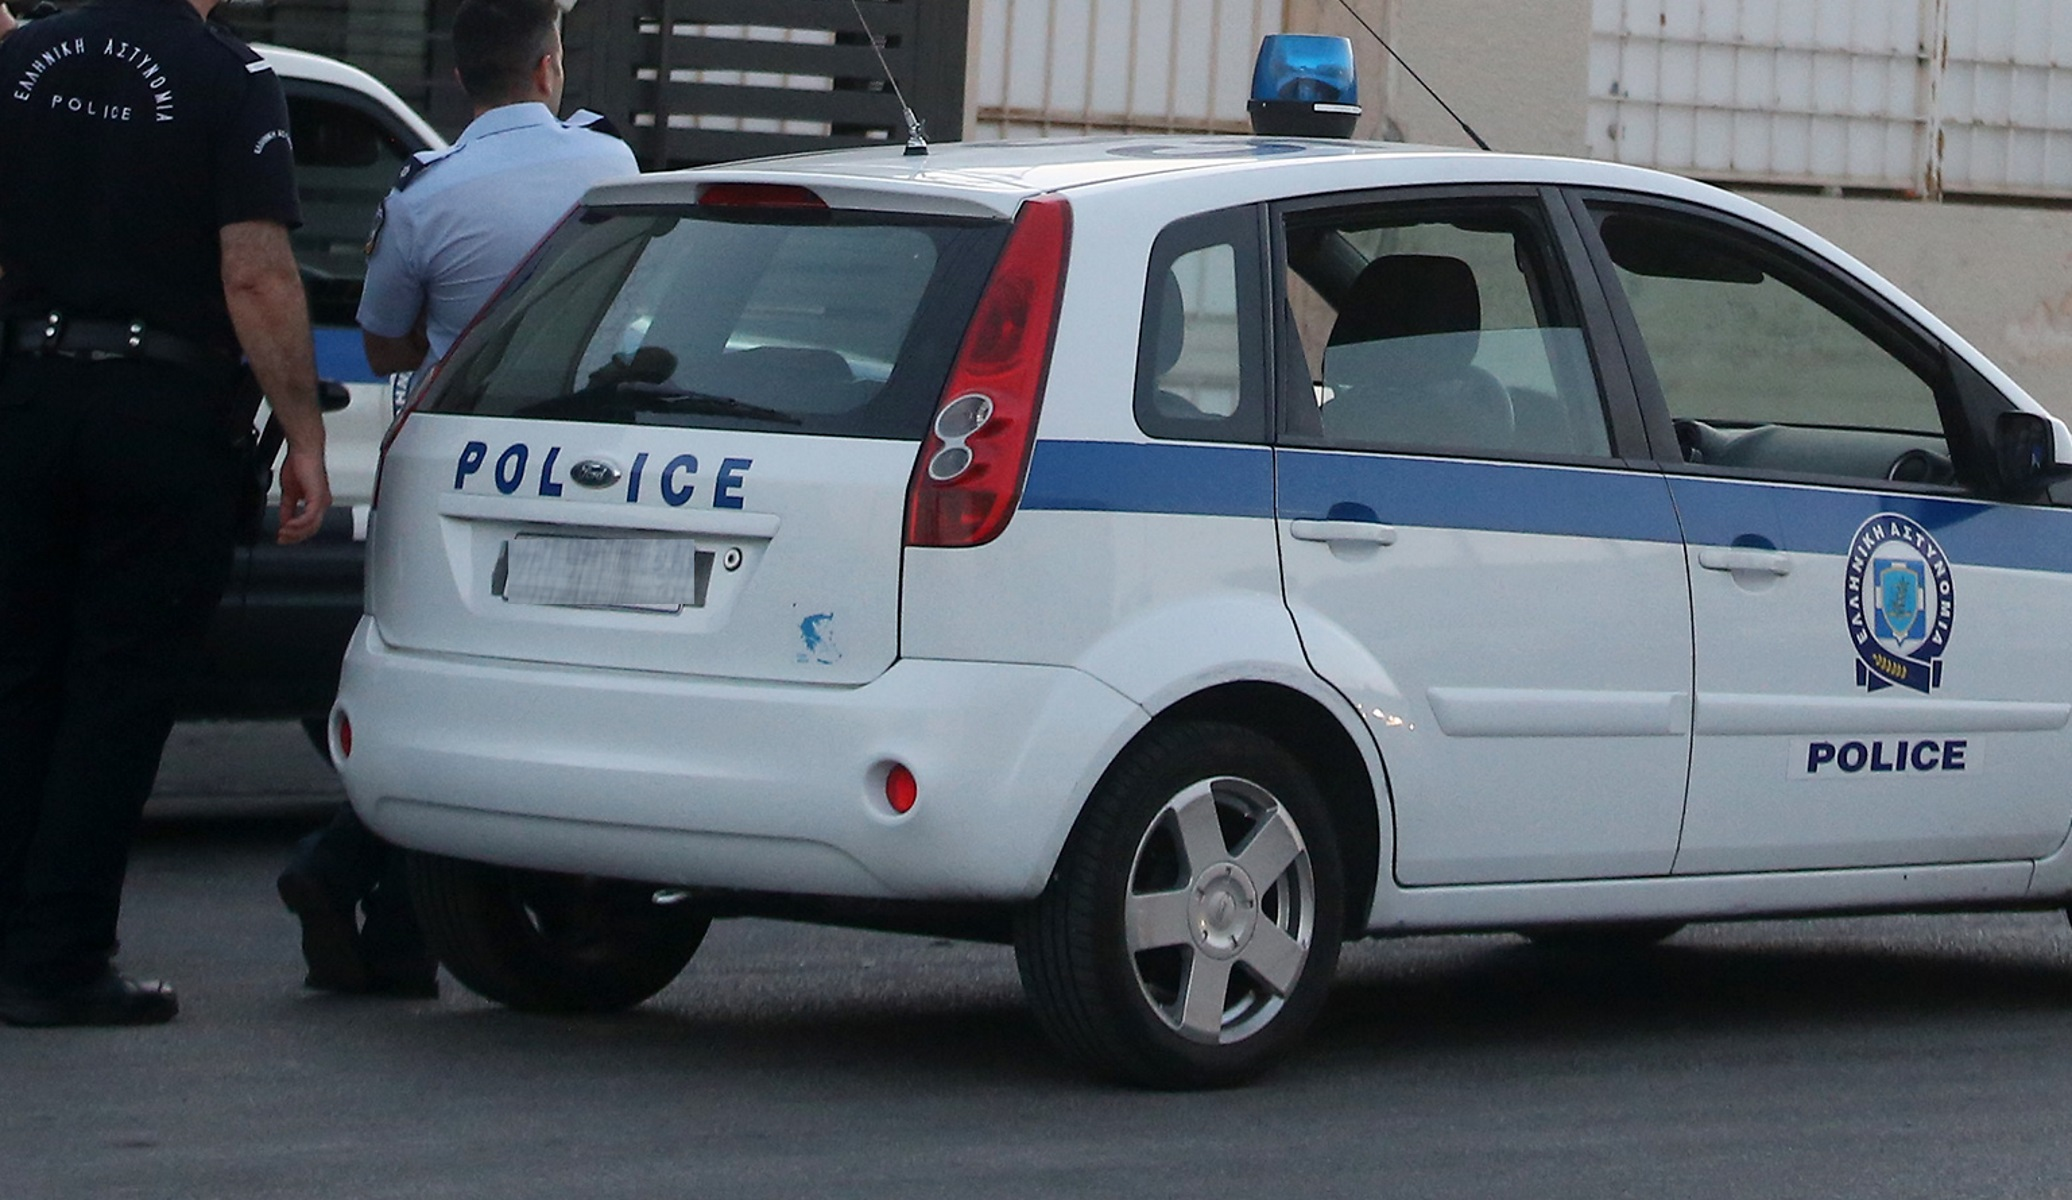 Πέραμα: Βρέθηκε το αυτοκίνητο του 80χρονου που δολοφονήθηκε